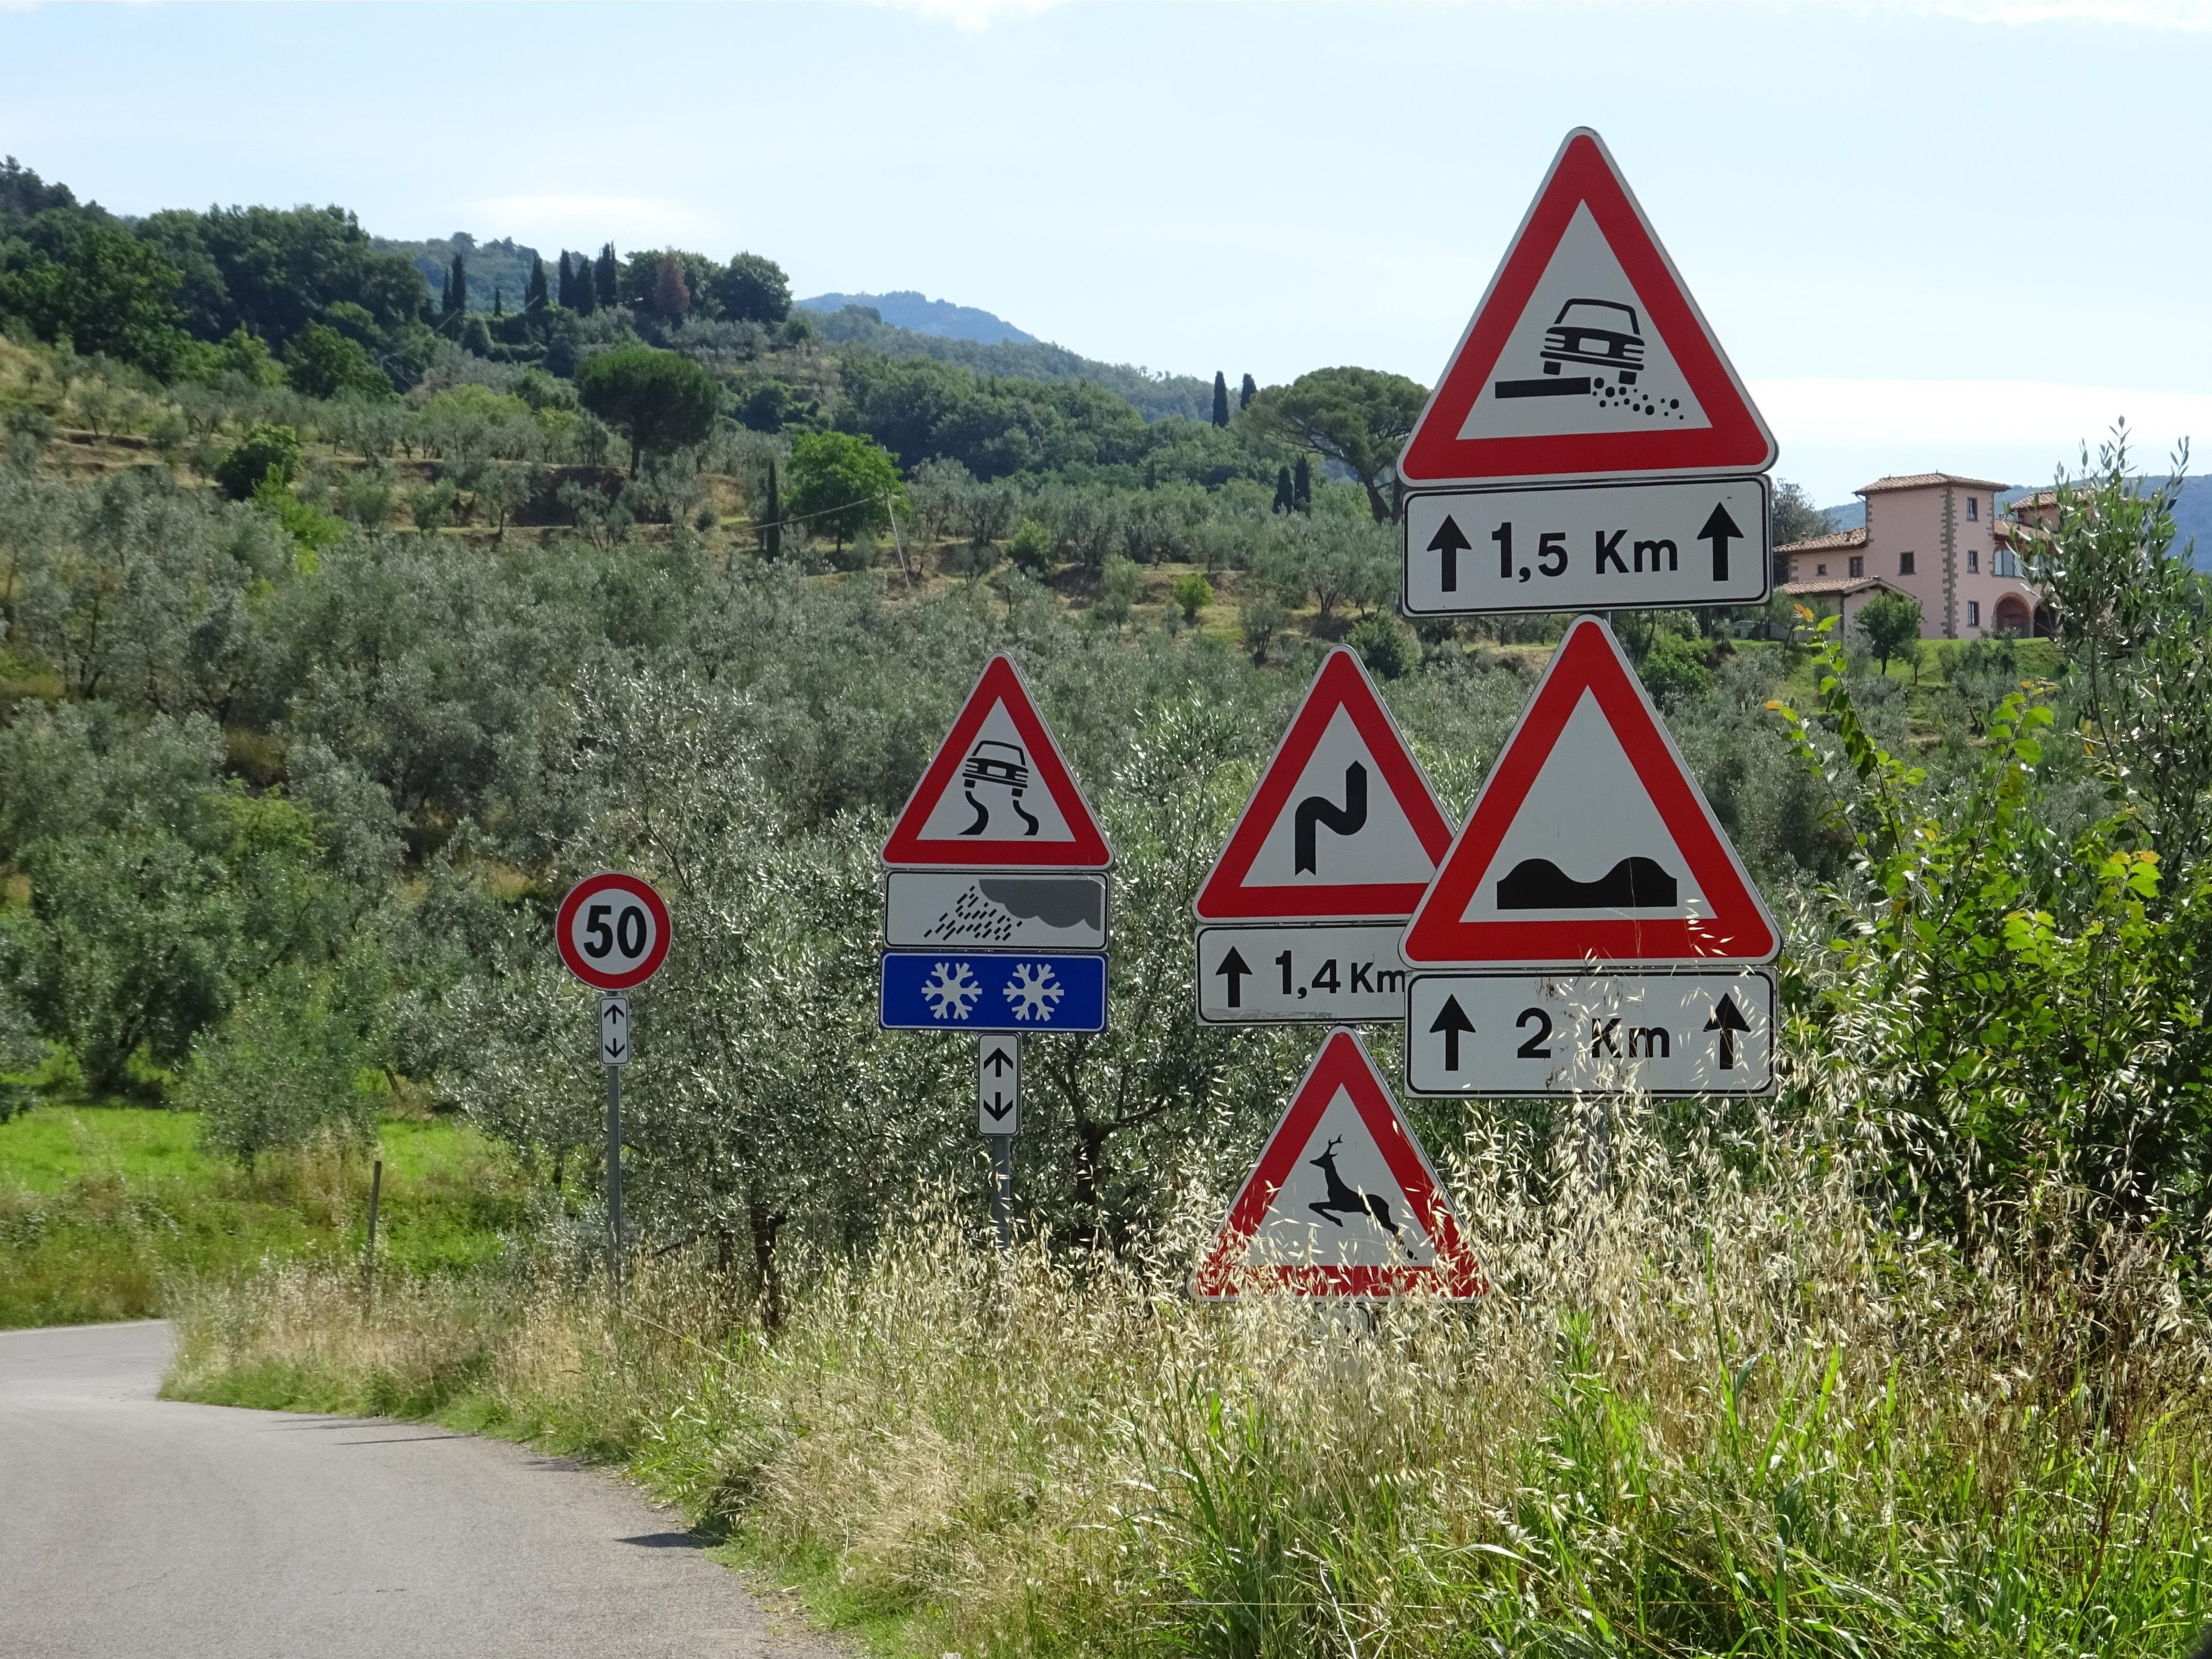 Jetzt wird es gefährlich...  #toskana #italien #schilderwald